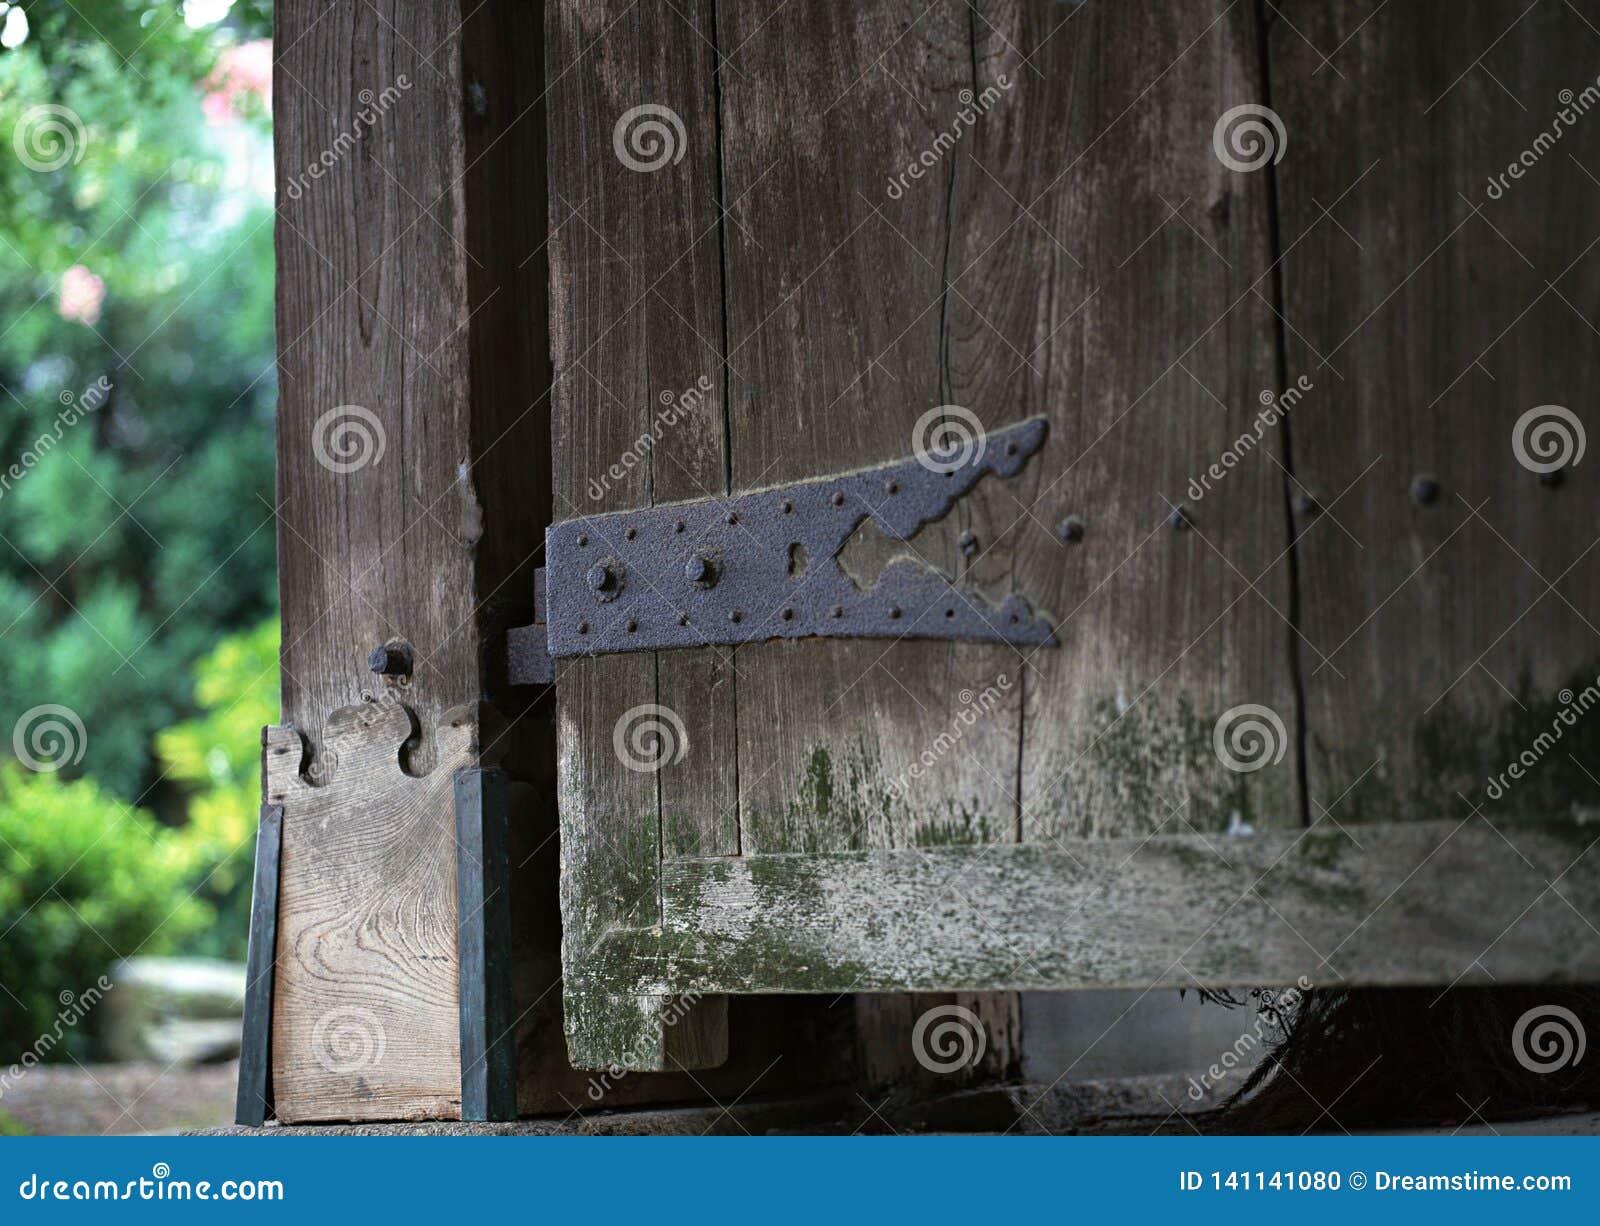 日语生锈的金属门细木工技术细节有螺丝背景